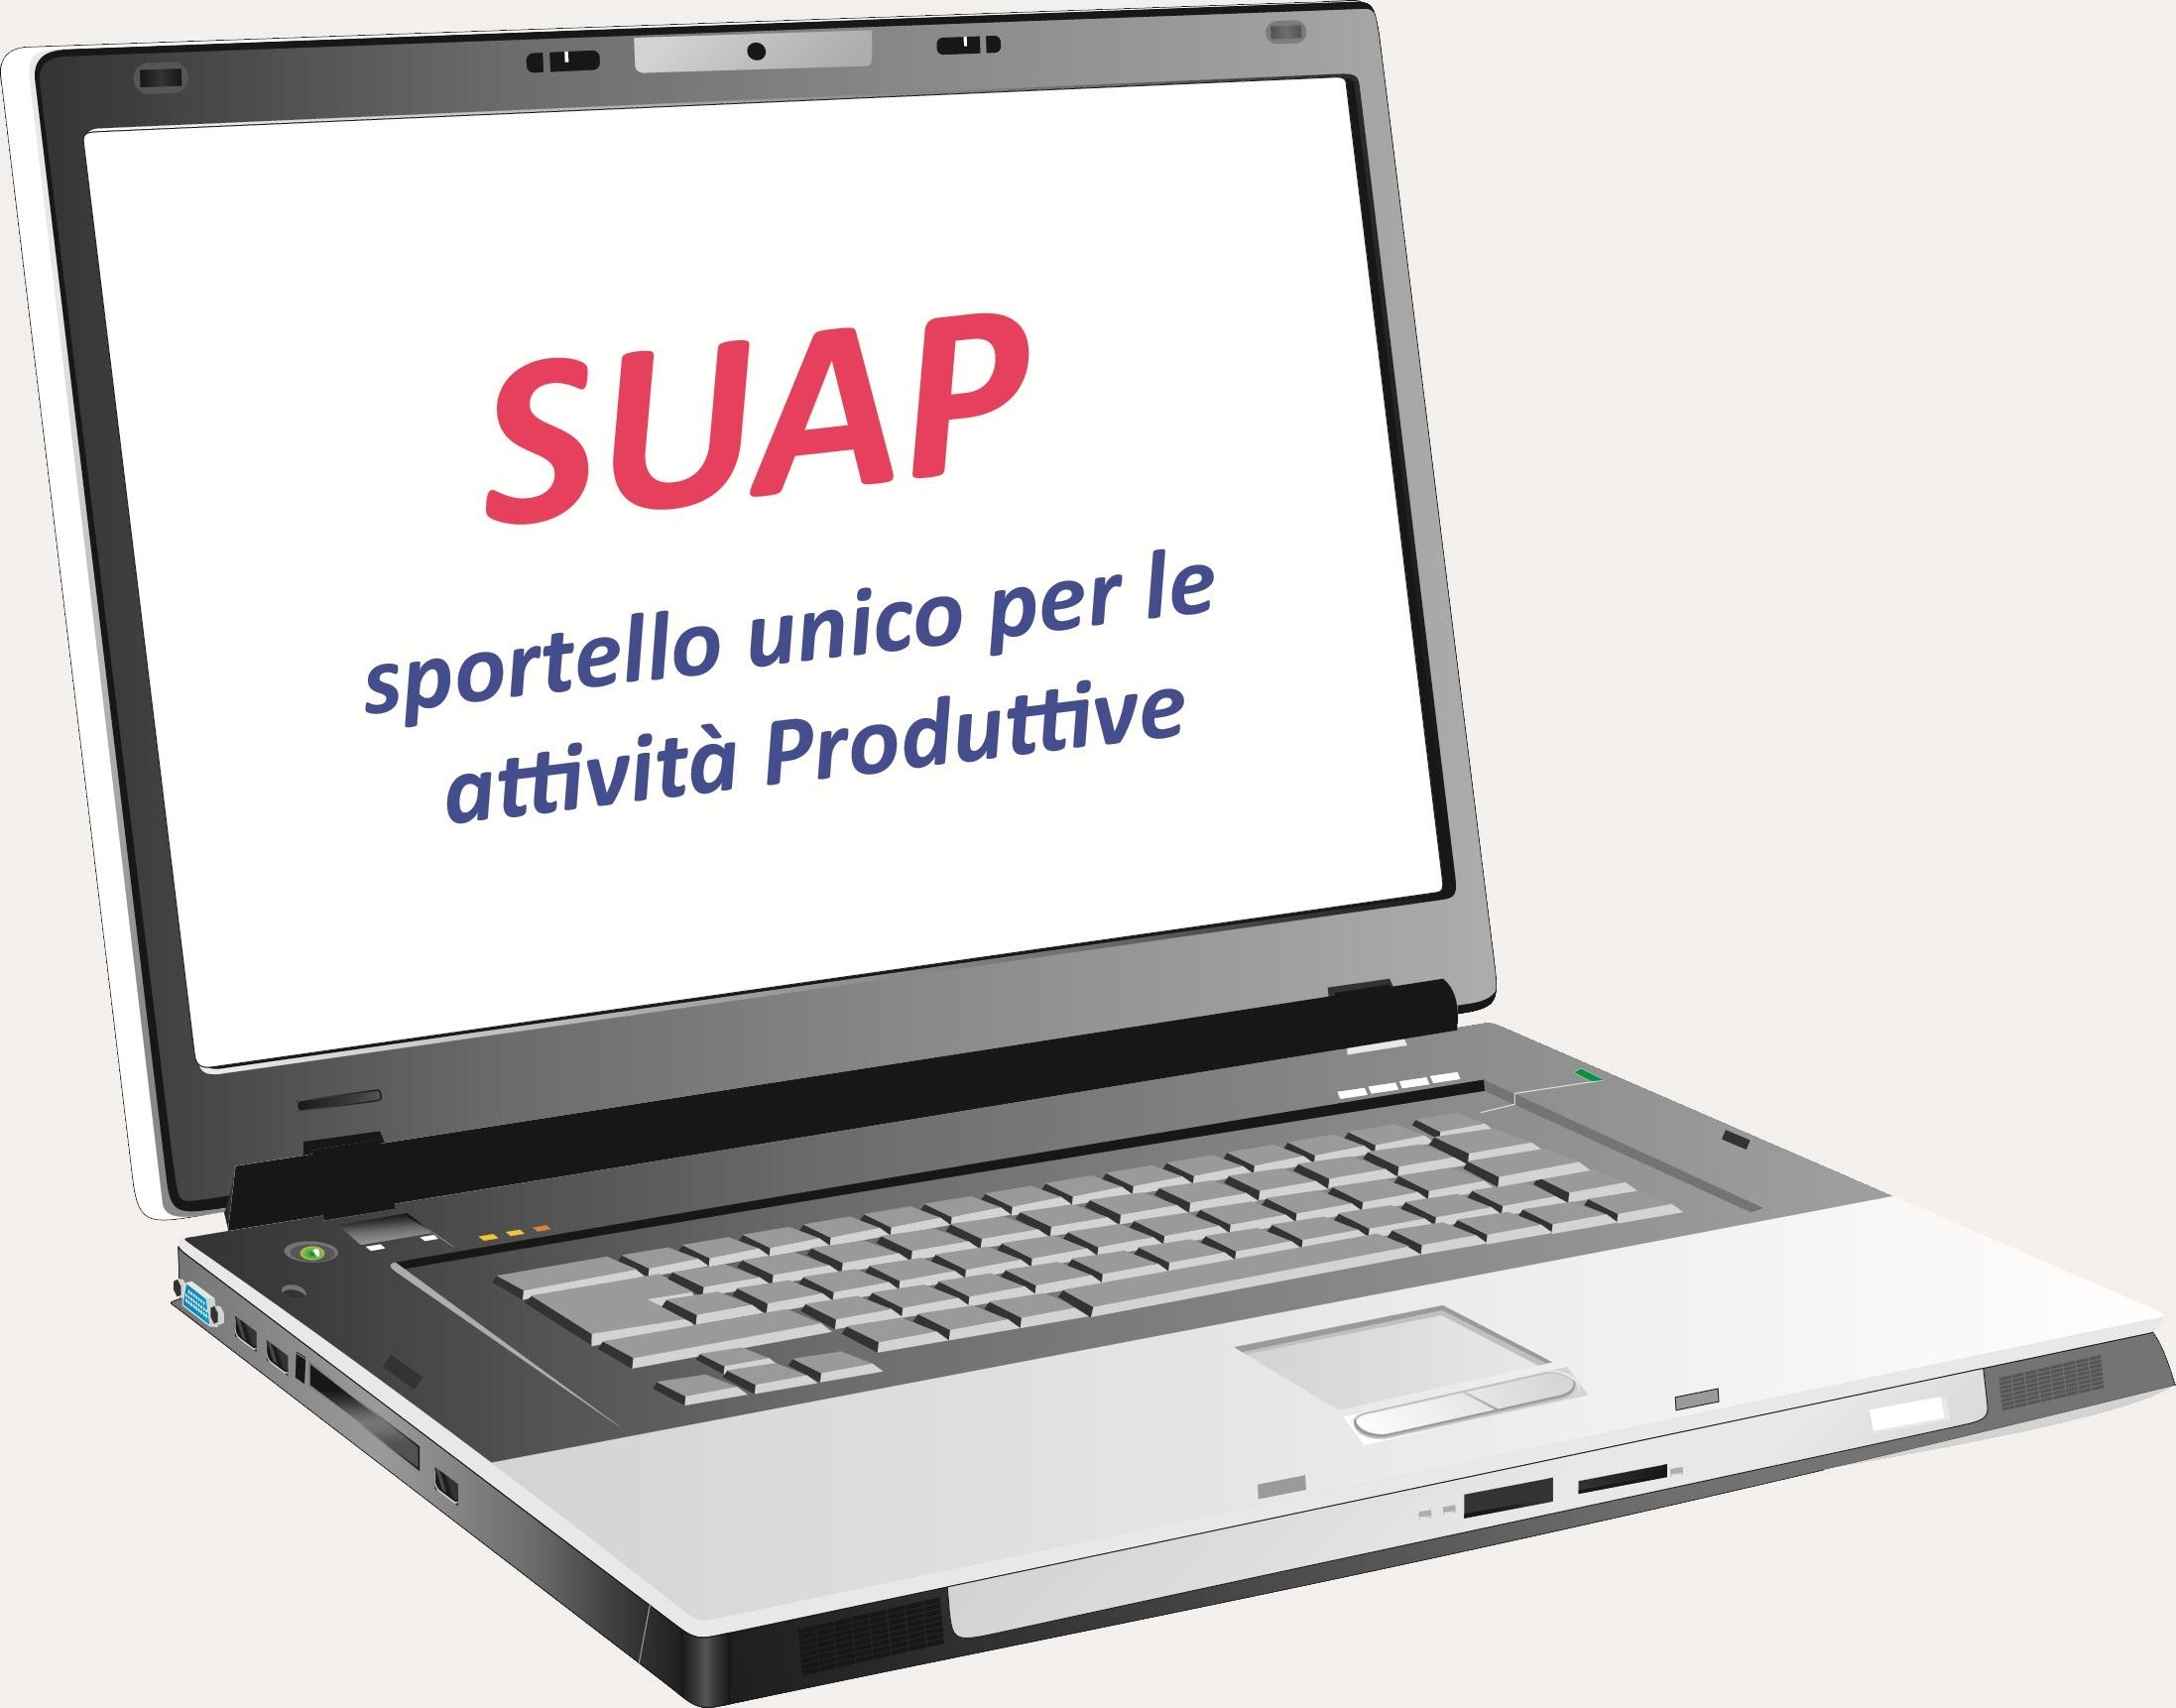 Cortona riferimento regionale per i SUAP dei Comuni toscani